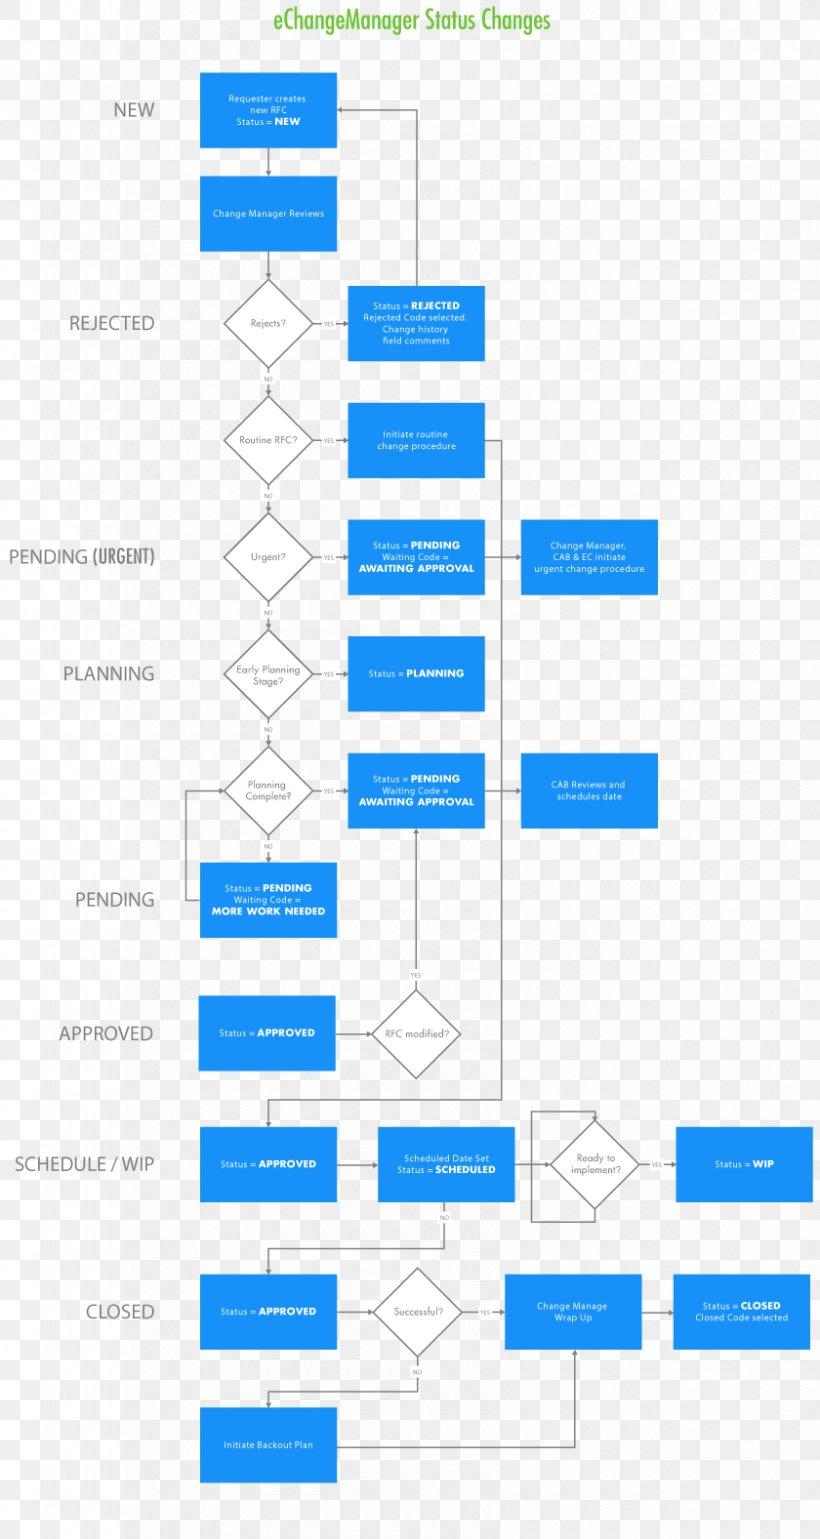 process flow diagram change management process flow diagram organization change management flowchart  png  process flow diagram organization